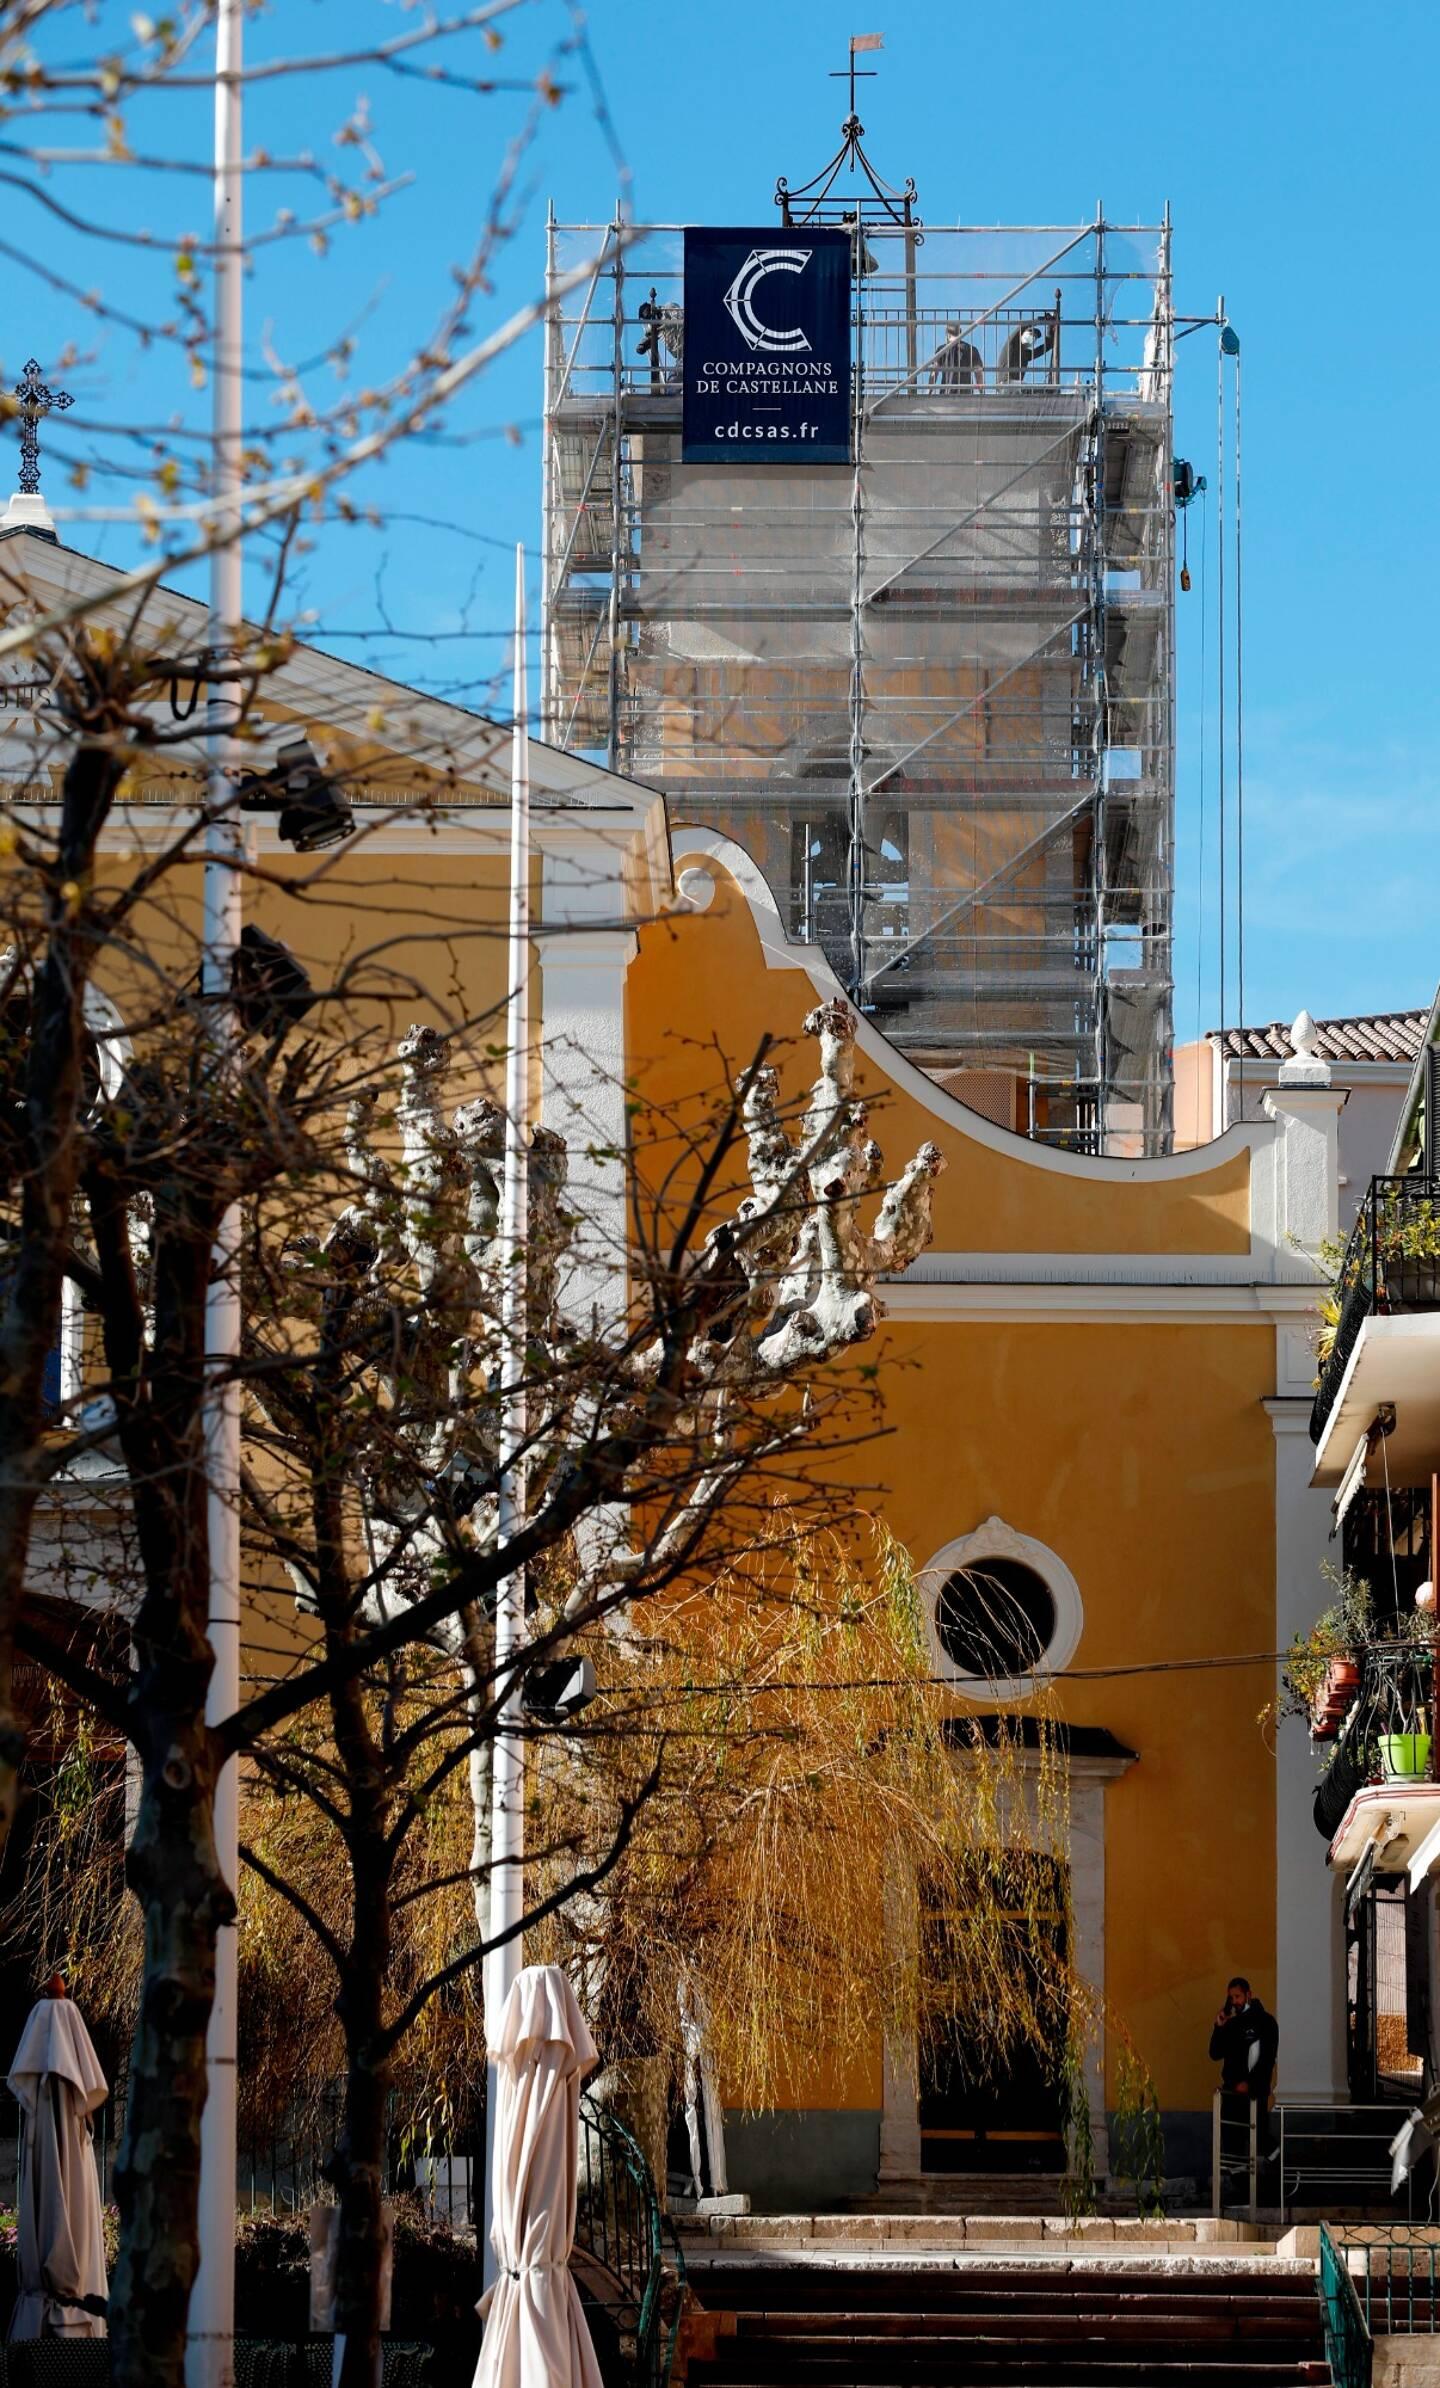 Le coût de la restauration des extérieurs de l'église de Bandol, construite en 1747, est de 308.123 euros (TTC), financés par la commune et des subventions.